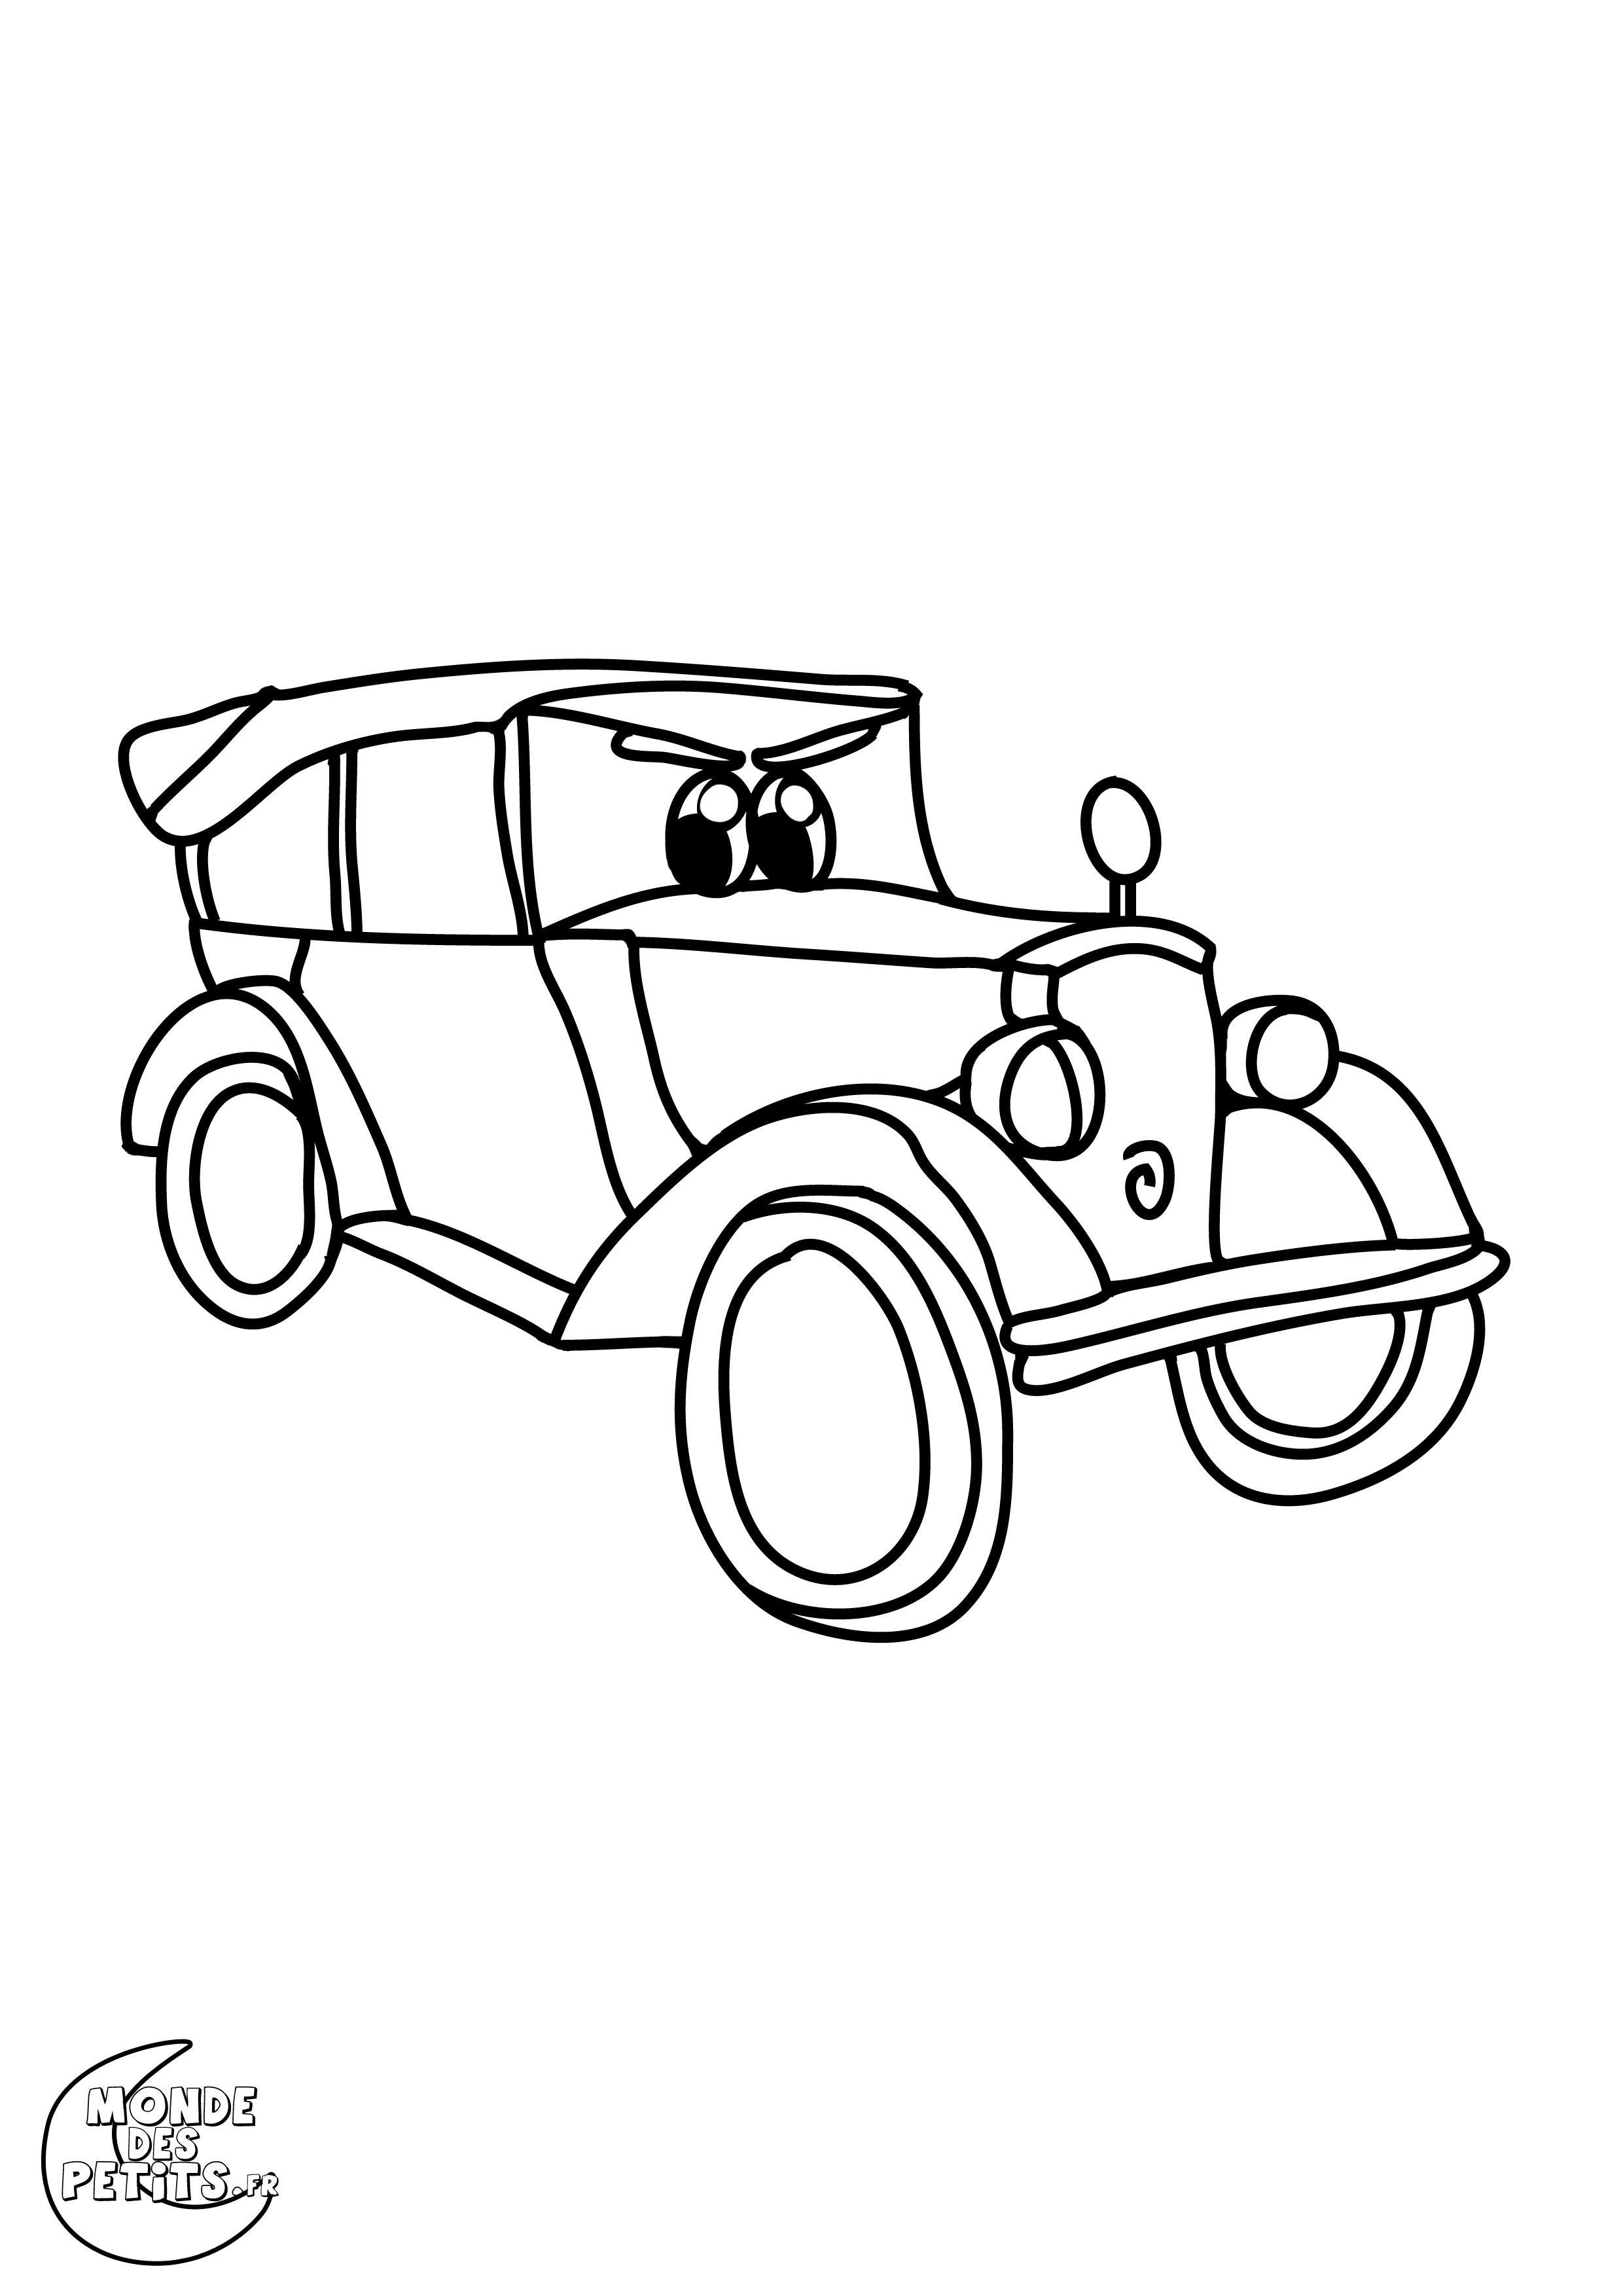 Monde des petits coloriages imprimer - Dessin a colorier de voiture ...